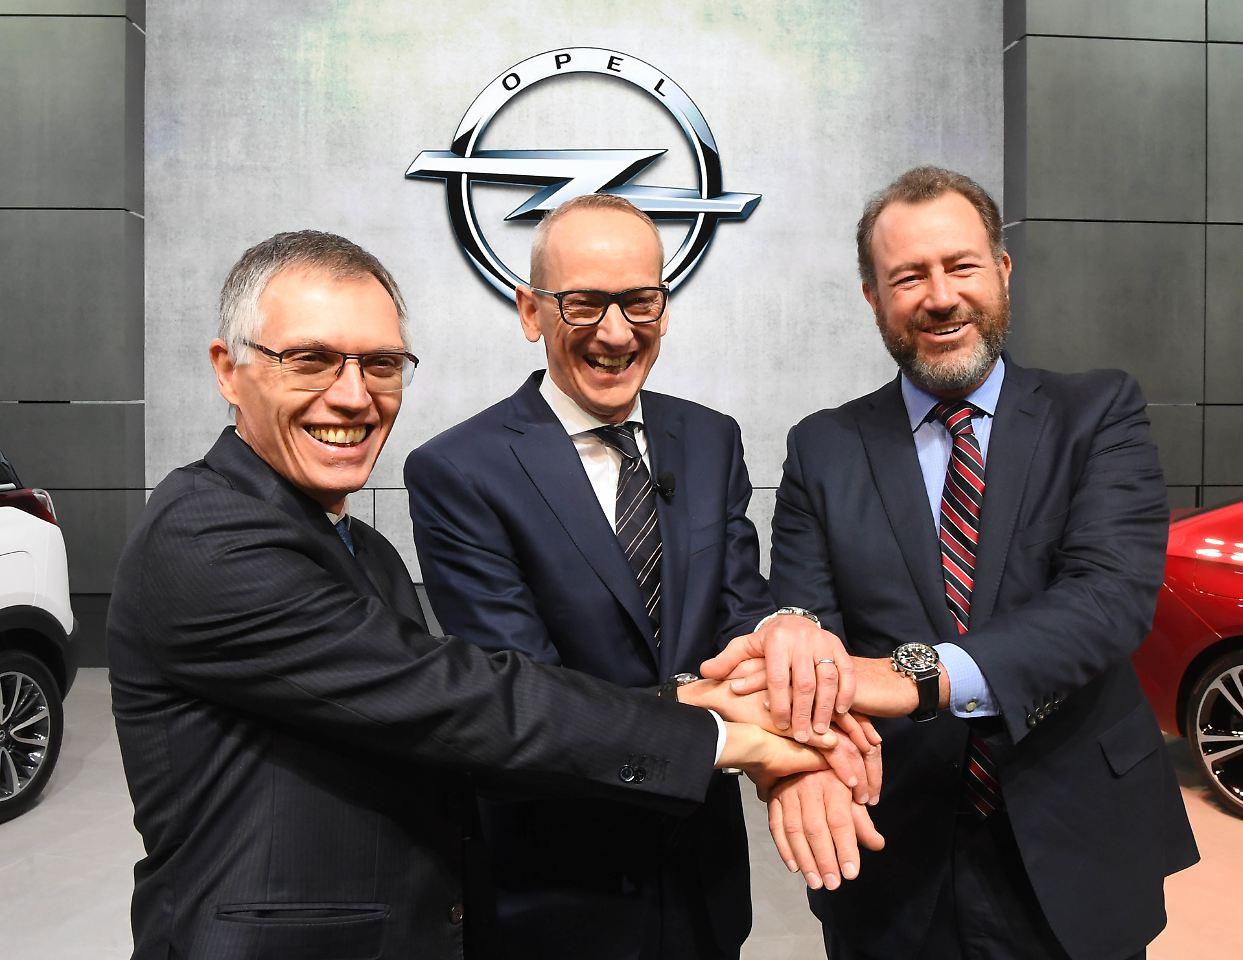 Gm Soll Mit Bonus Winken Millionen F R Opel Manager Bei